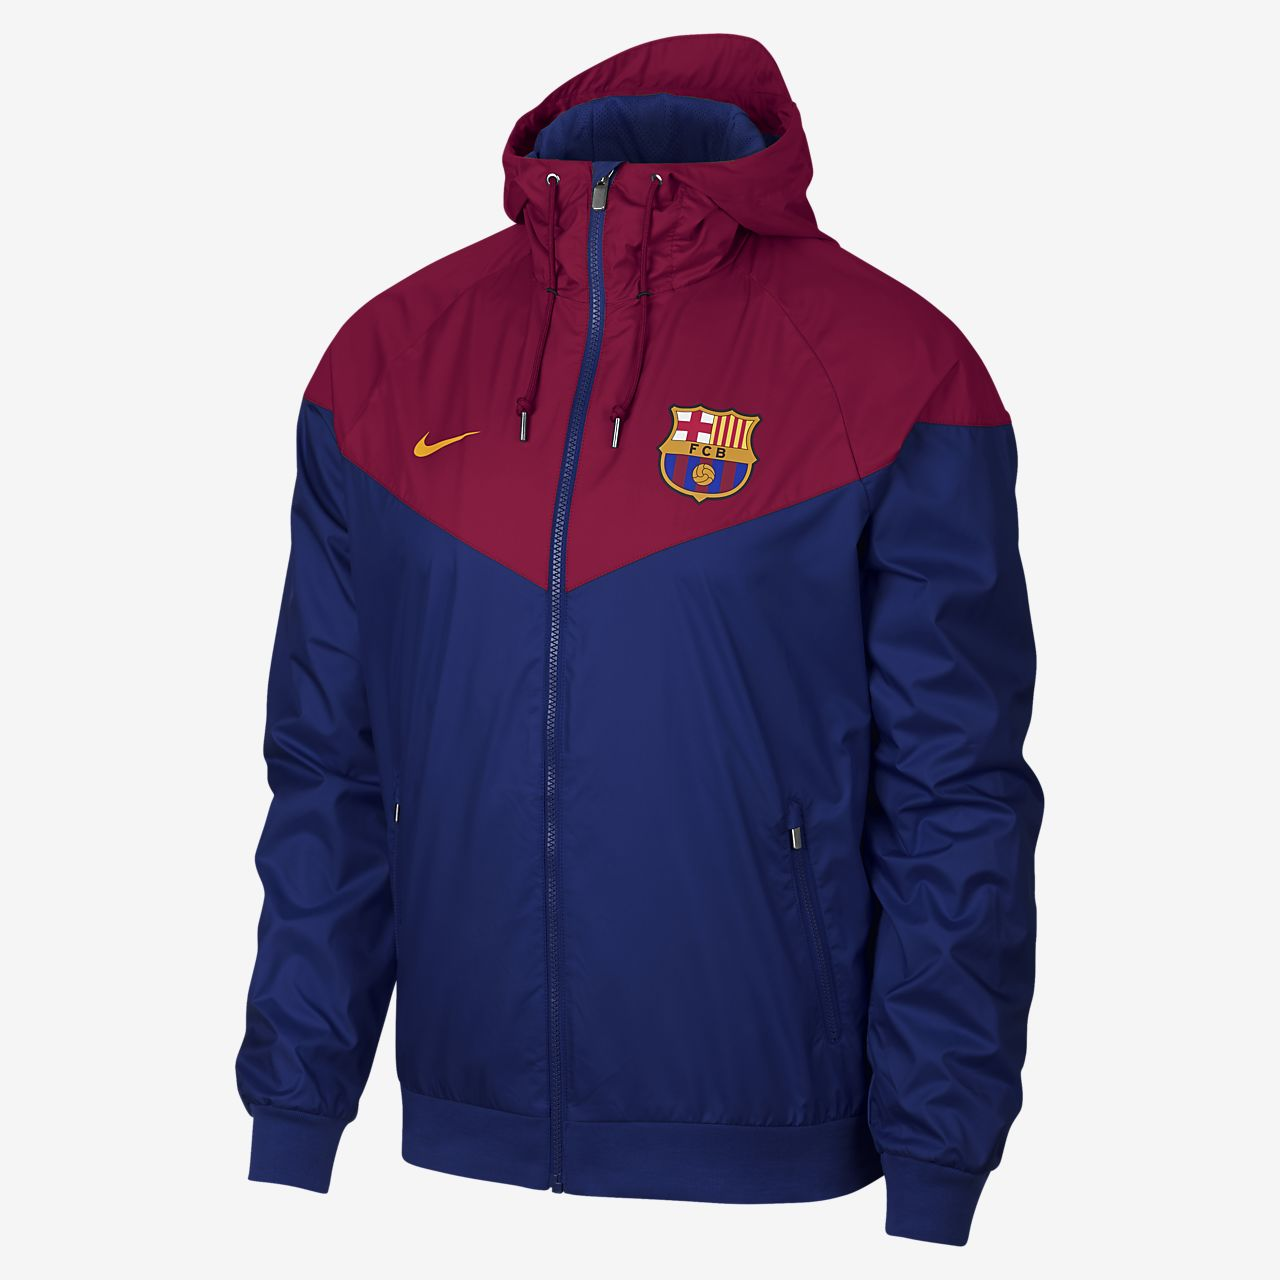 giacca calcio FC Barcelona personalizzata